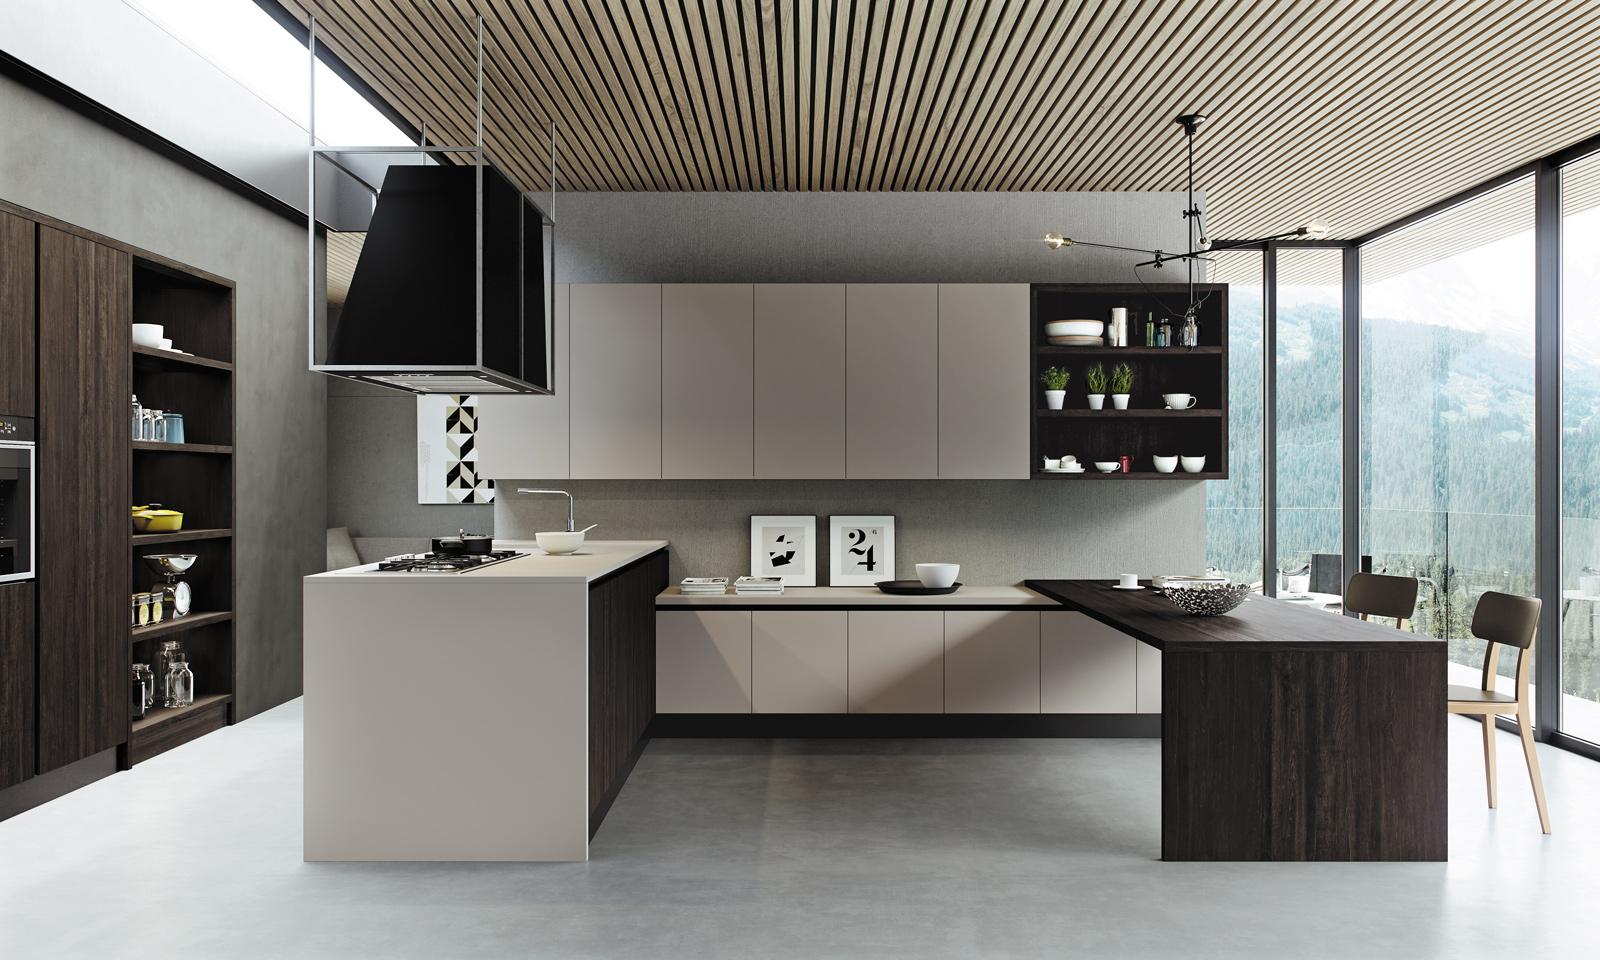 Cucine e living k internocasa - Cucine e living ...